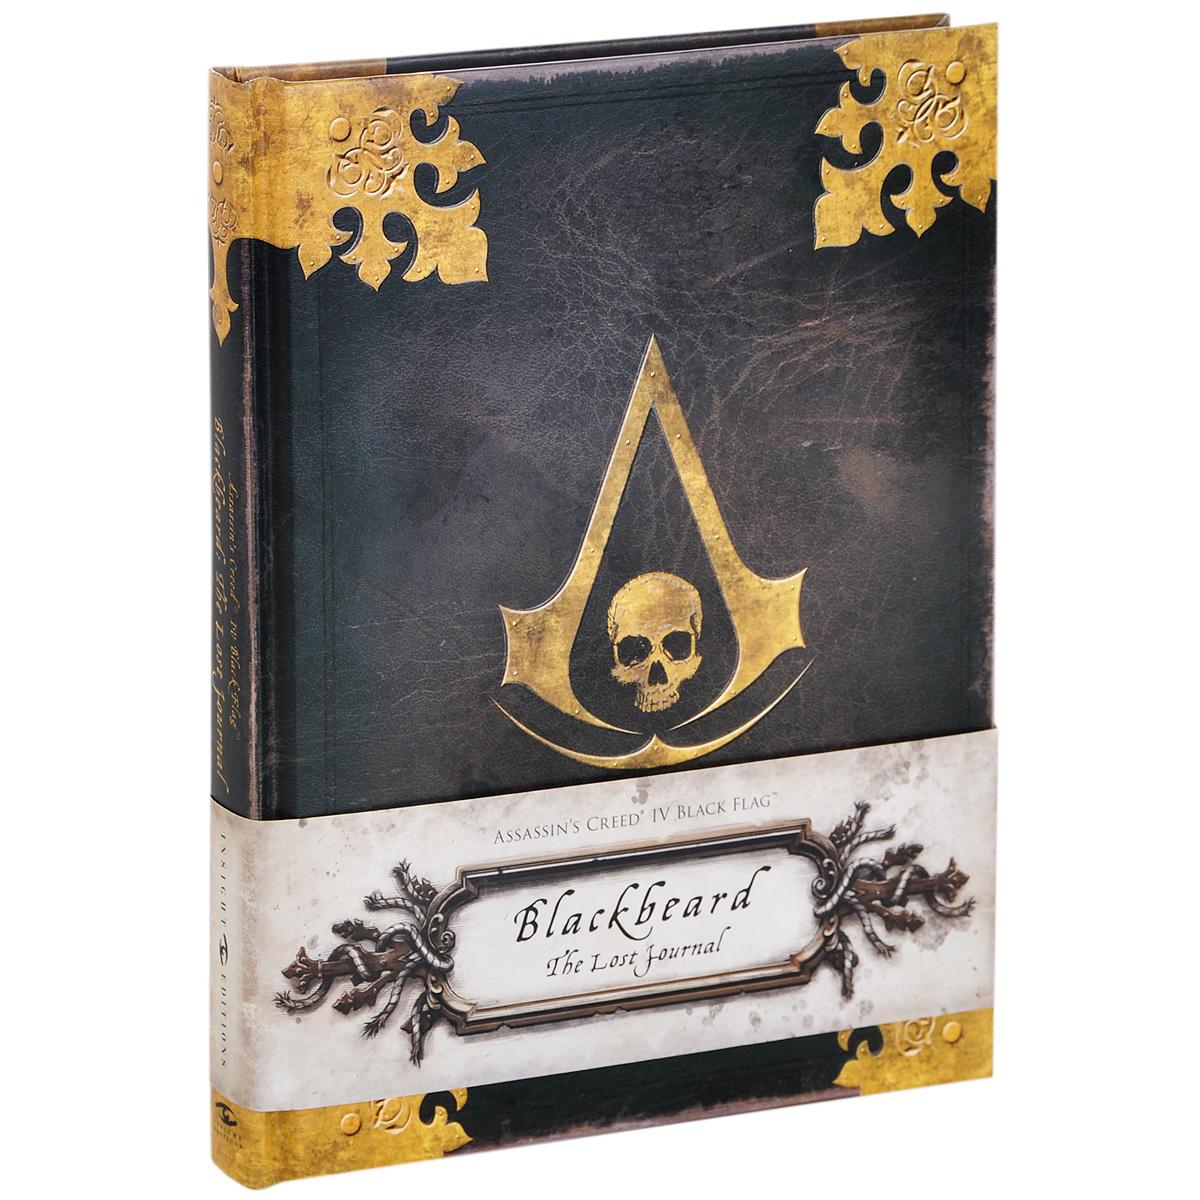 Christie Golden. Assassin's Creed IV Black Flag: Blackbeard: The Lost Journal